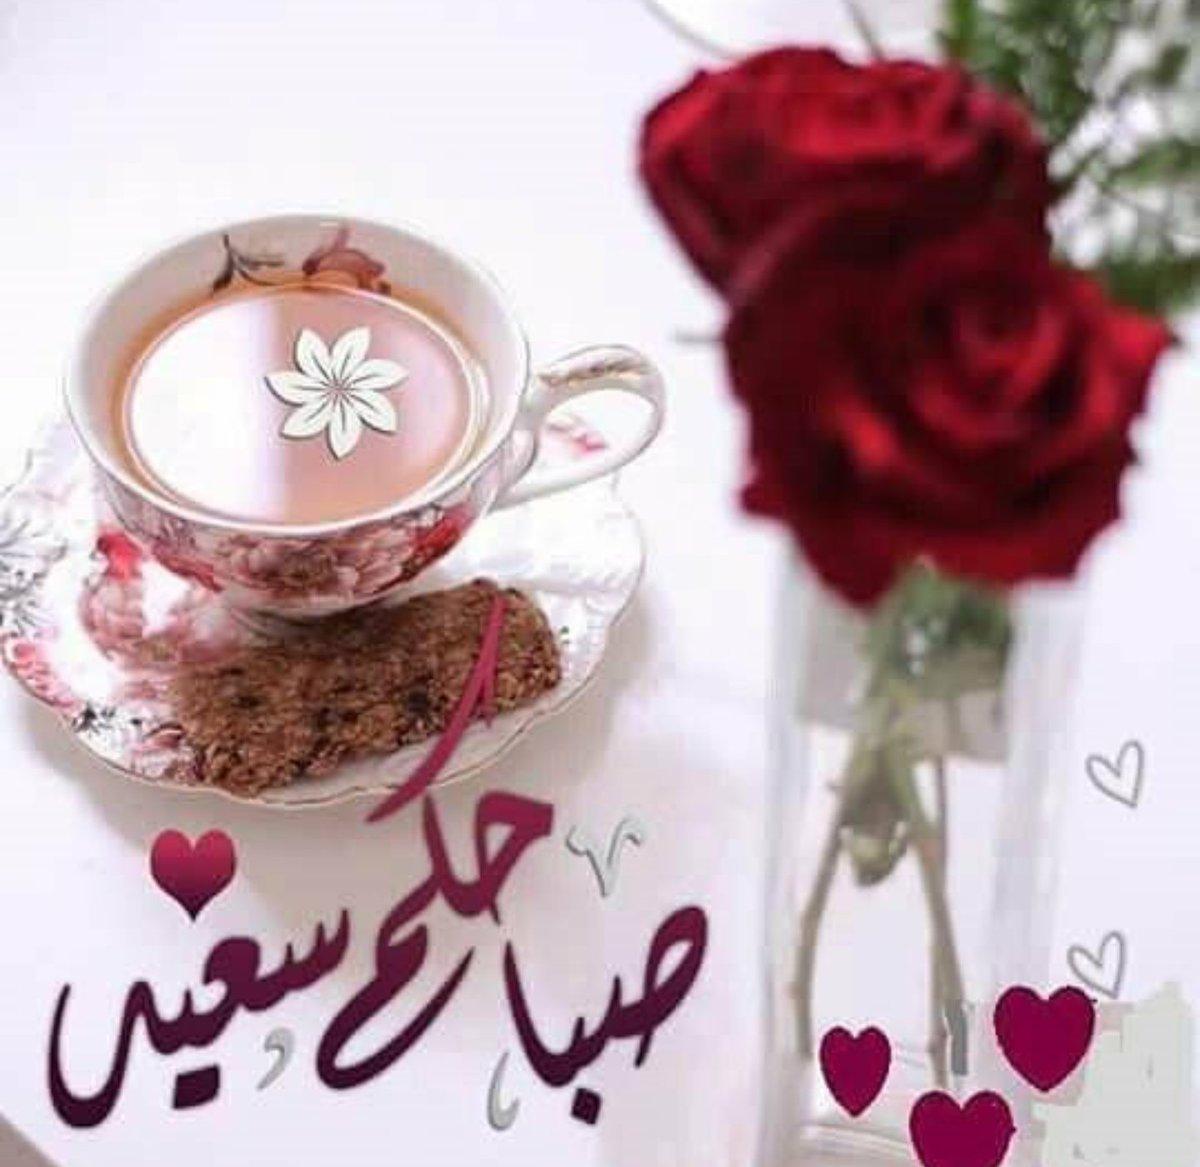 بالصور صور صباحيه للحبيب , اروع الرسائل الصباحية 3437 5